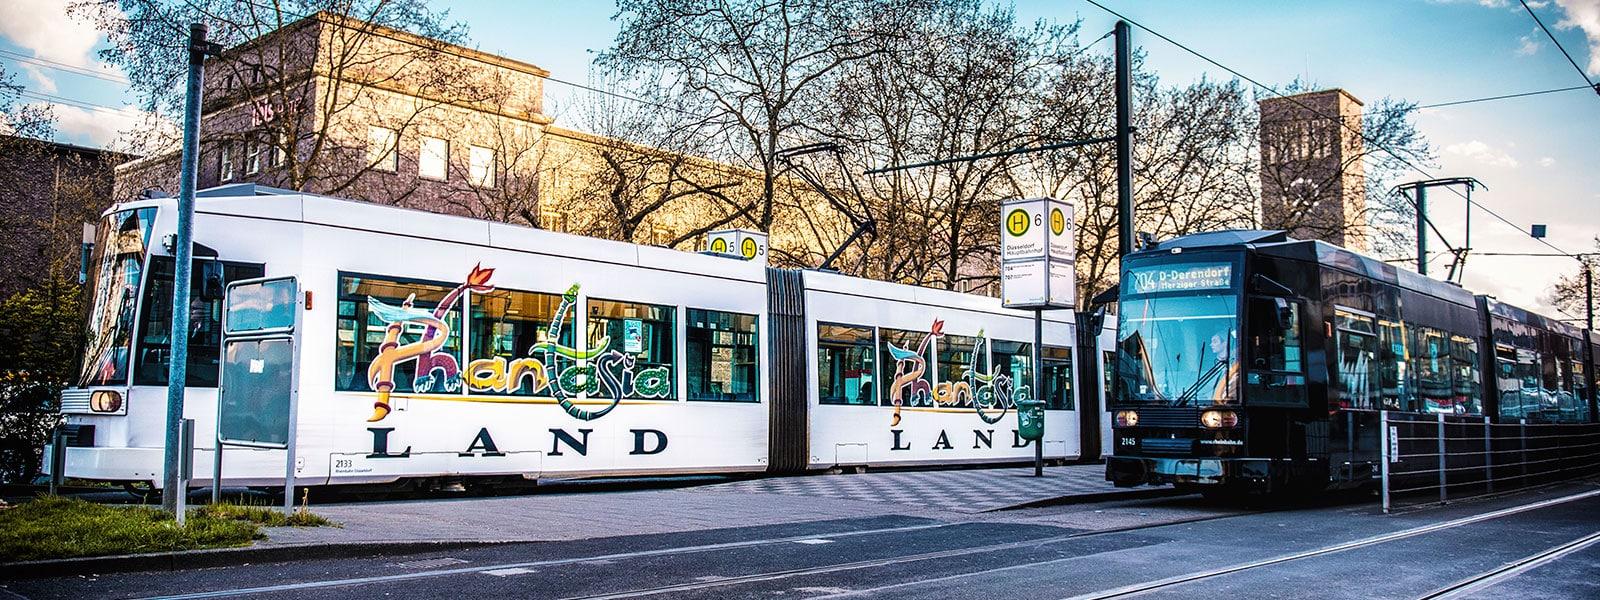 Leverkusen-Verkehrsmittelwerbung-Bahn-Werbung